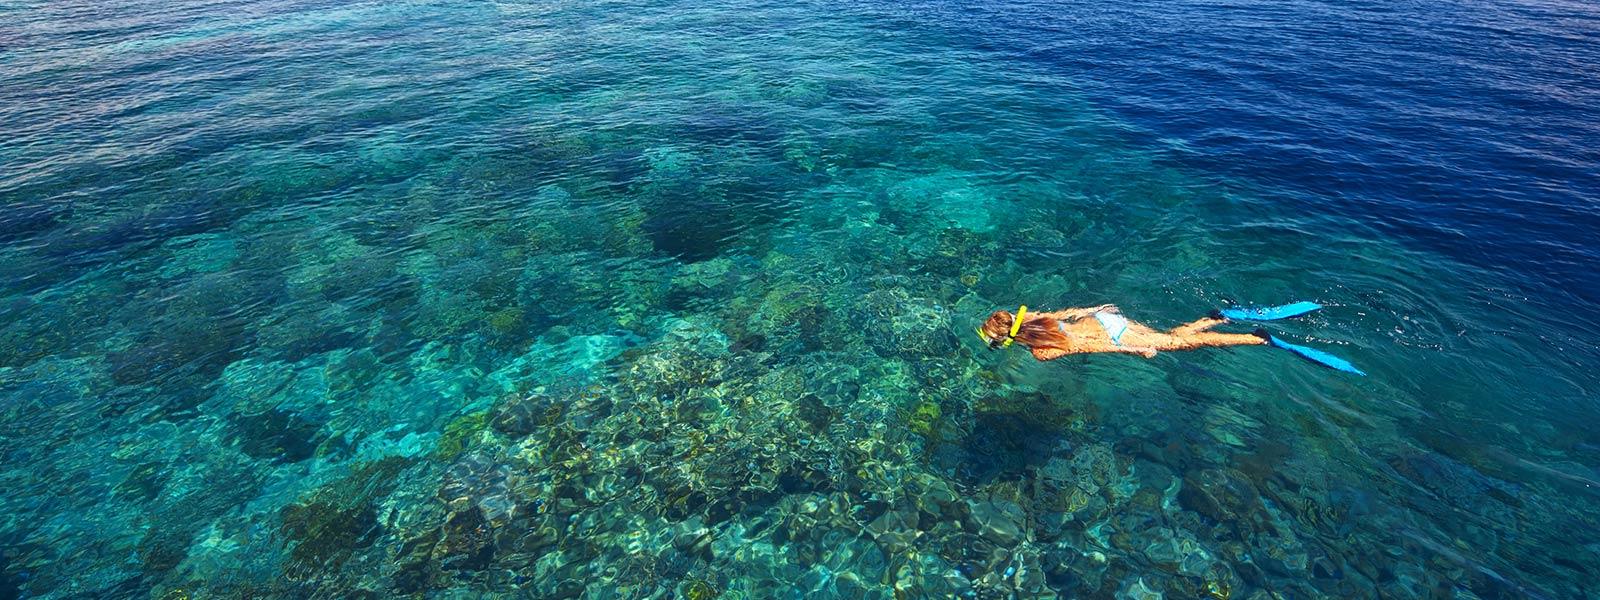 hurawalhi-maldives-snorkelling-1600x600